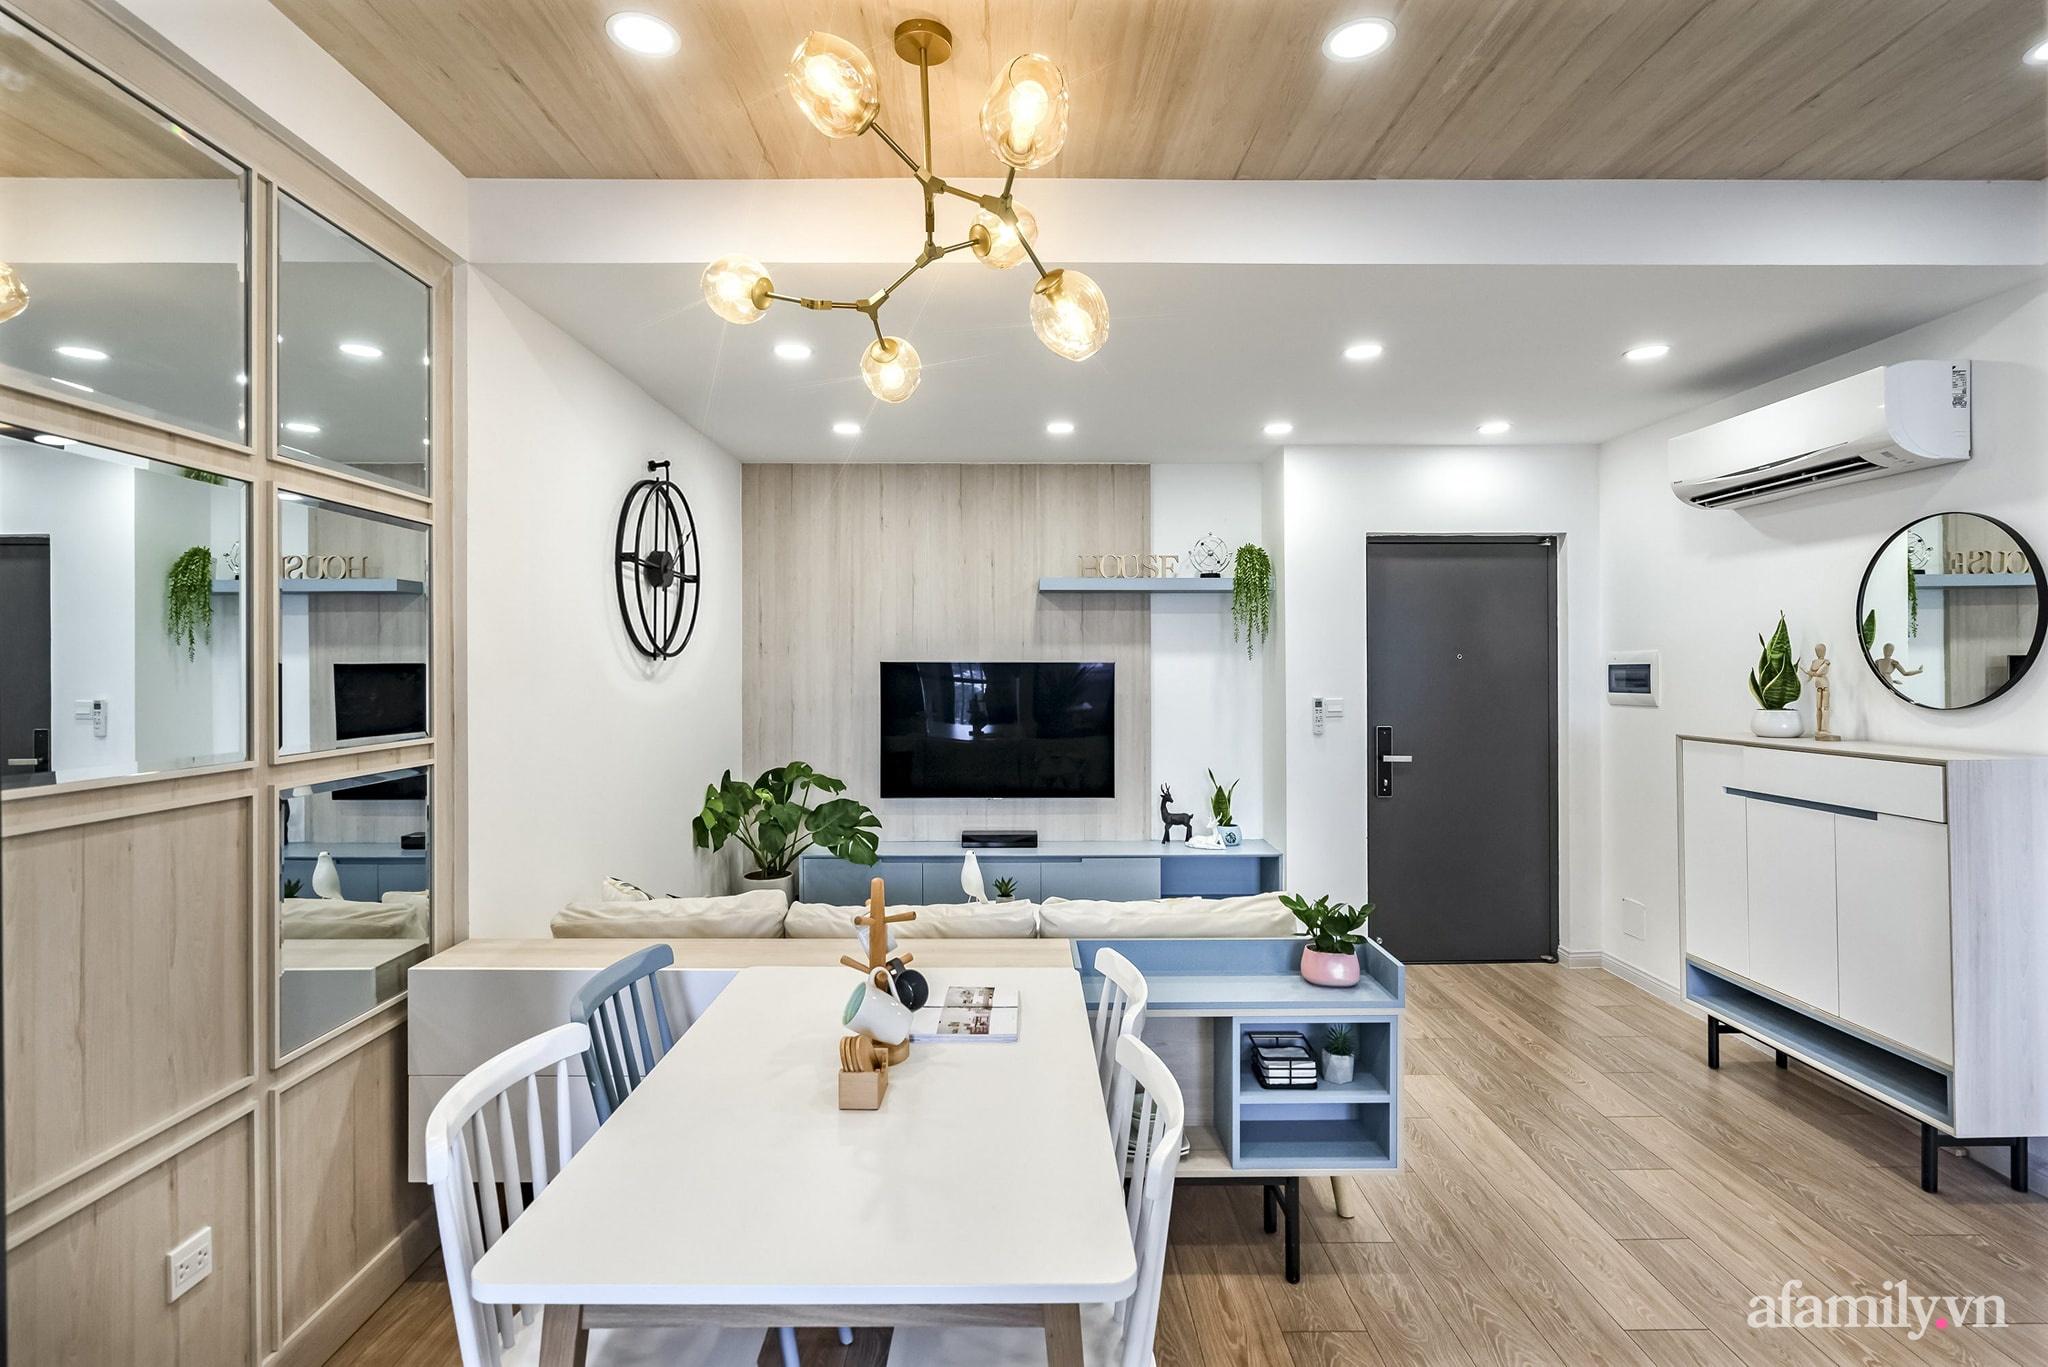 Căn hộ 65m² màu xanh yên bình của chàng trai quyết tâm mua nhà trước tuổi 30 ở Sài Gòn - Ảnh 7.